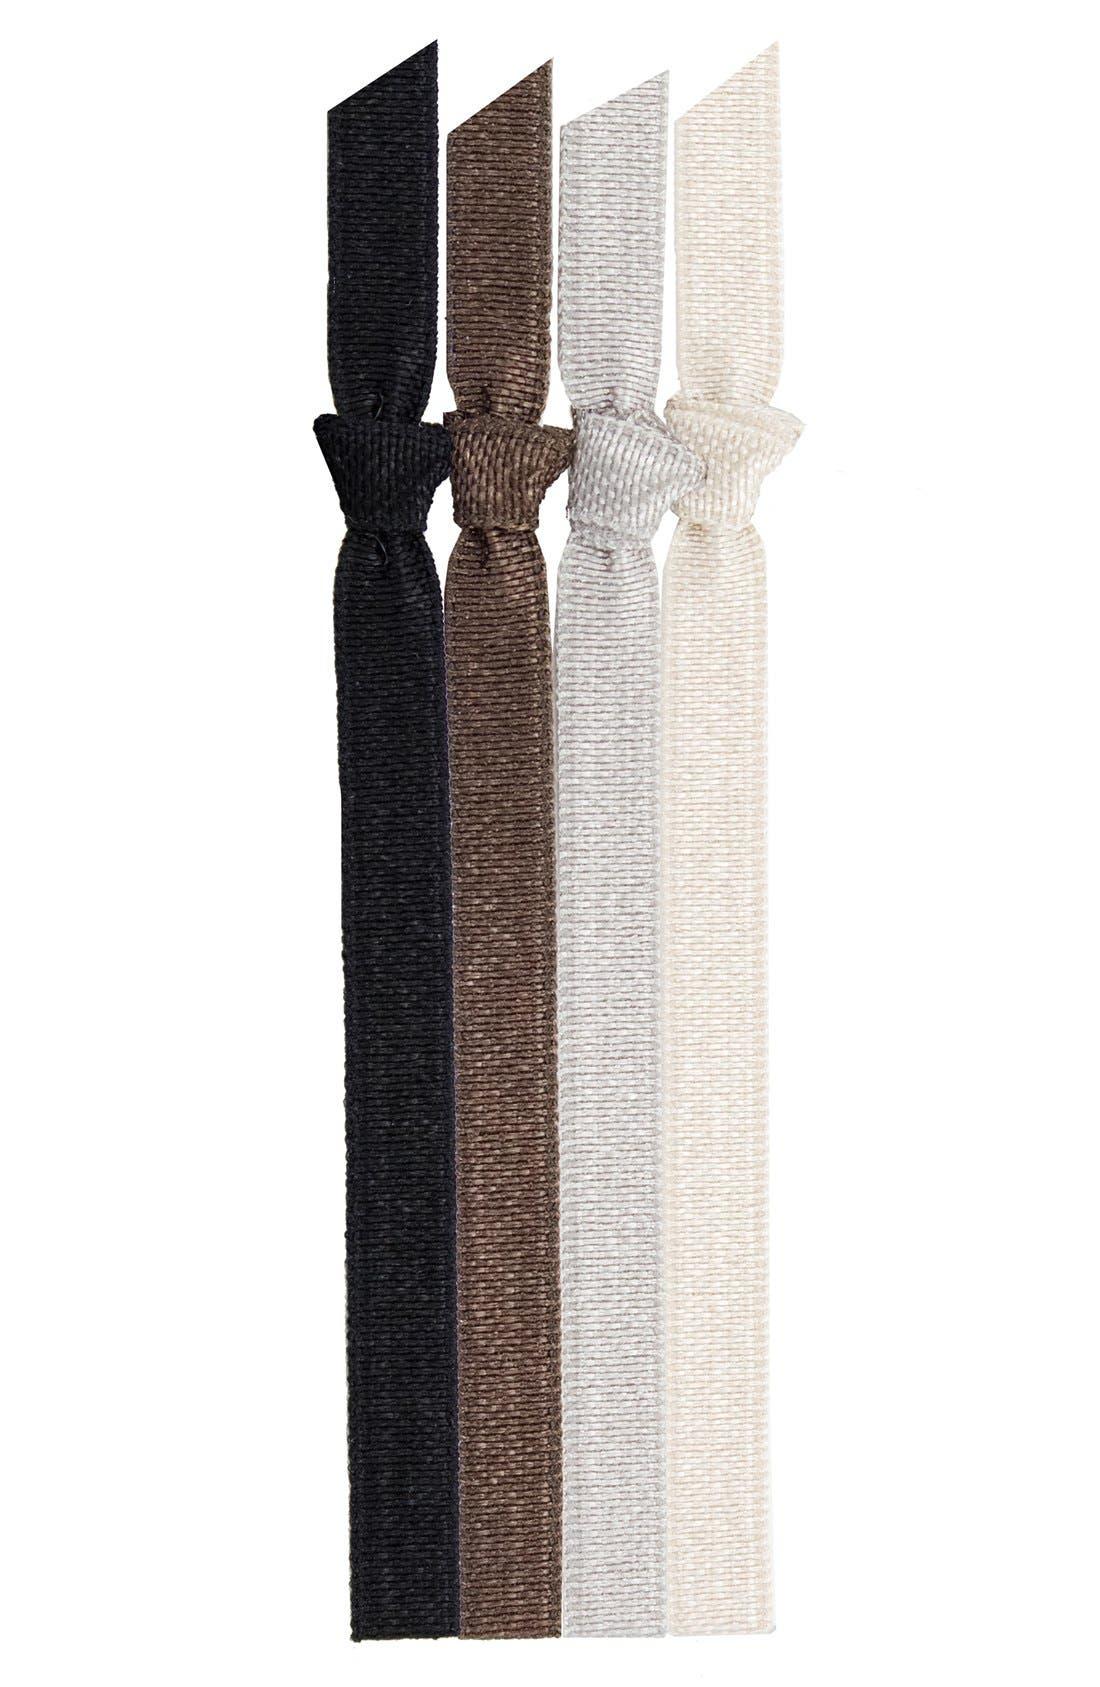 Alternate Image 1 Selected - Emi-Jay 'Classic' Skinny Hair Ties (4-Pack) (Buy 2, Get 1)